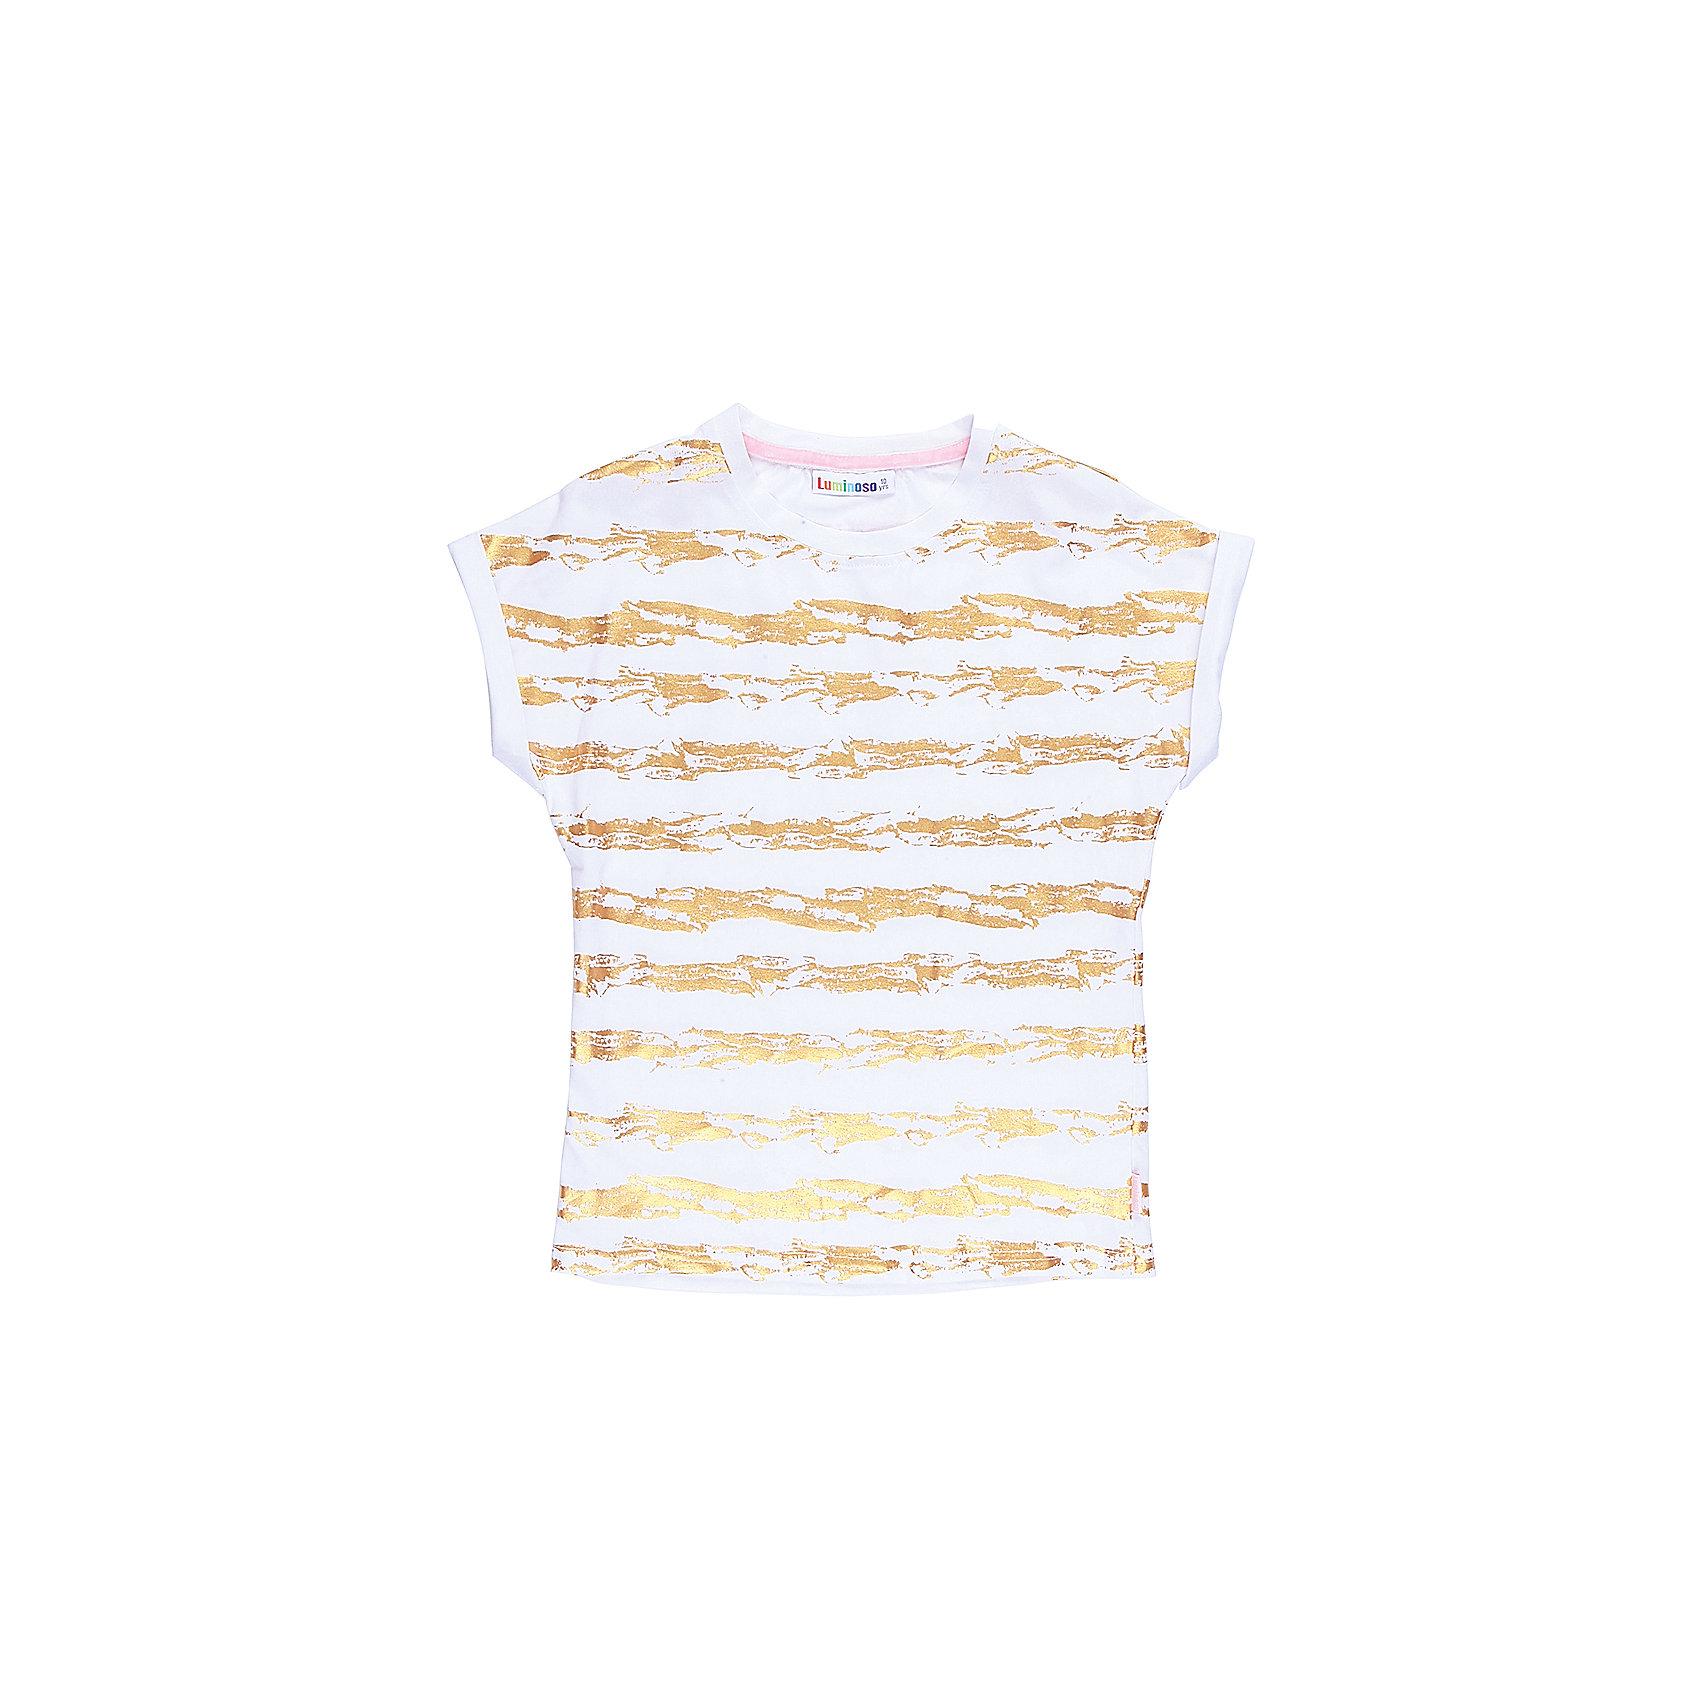 Футболка для девочки LuminosoФутболки, поло и топы<br>Стильная футболка из трикотажной ткани для девочки с коротким рукавом. Декорирована яркими золотымиполосами.<br>Состав:<br>95%хлопок 5%эластан<br><br>Ширина мм: 199<br>Глубина мм: 10<br>Высота мм: 161<br>Вес г: 151<br>Цвет: белый<br>Возраст от месяцев: 108<br>Возраст до месяцев: 120<br>Пол: Женский<br>Возраст: Детский<br>Размер: 140,134,164,158,152,146<br>SKU: 5413221